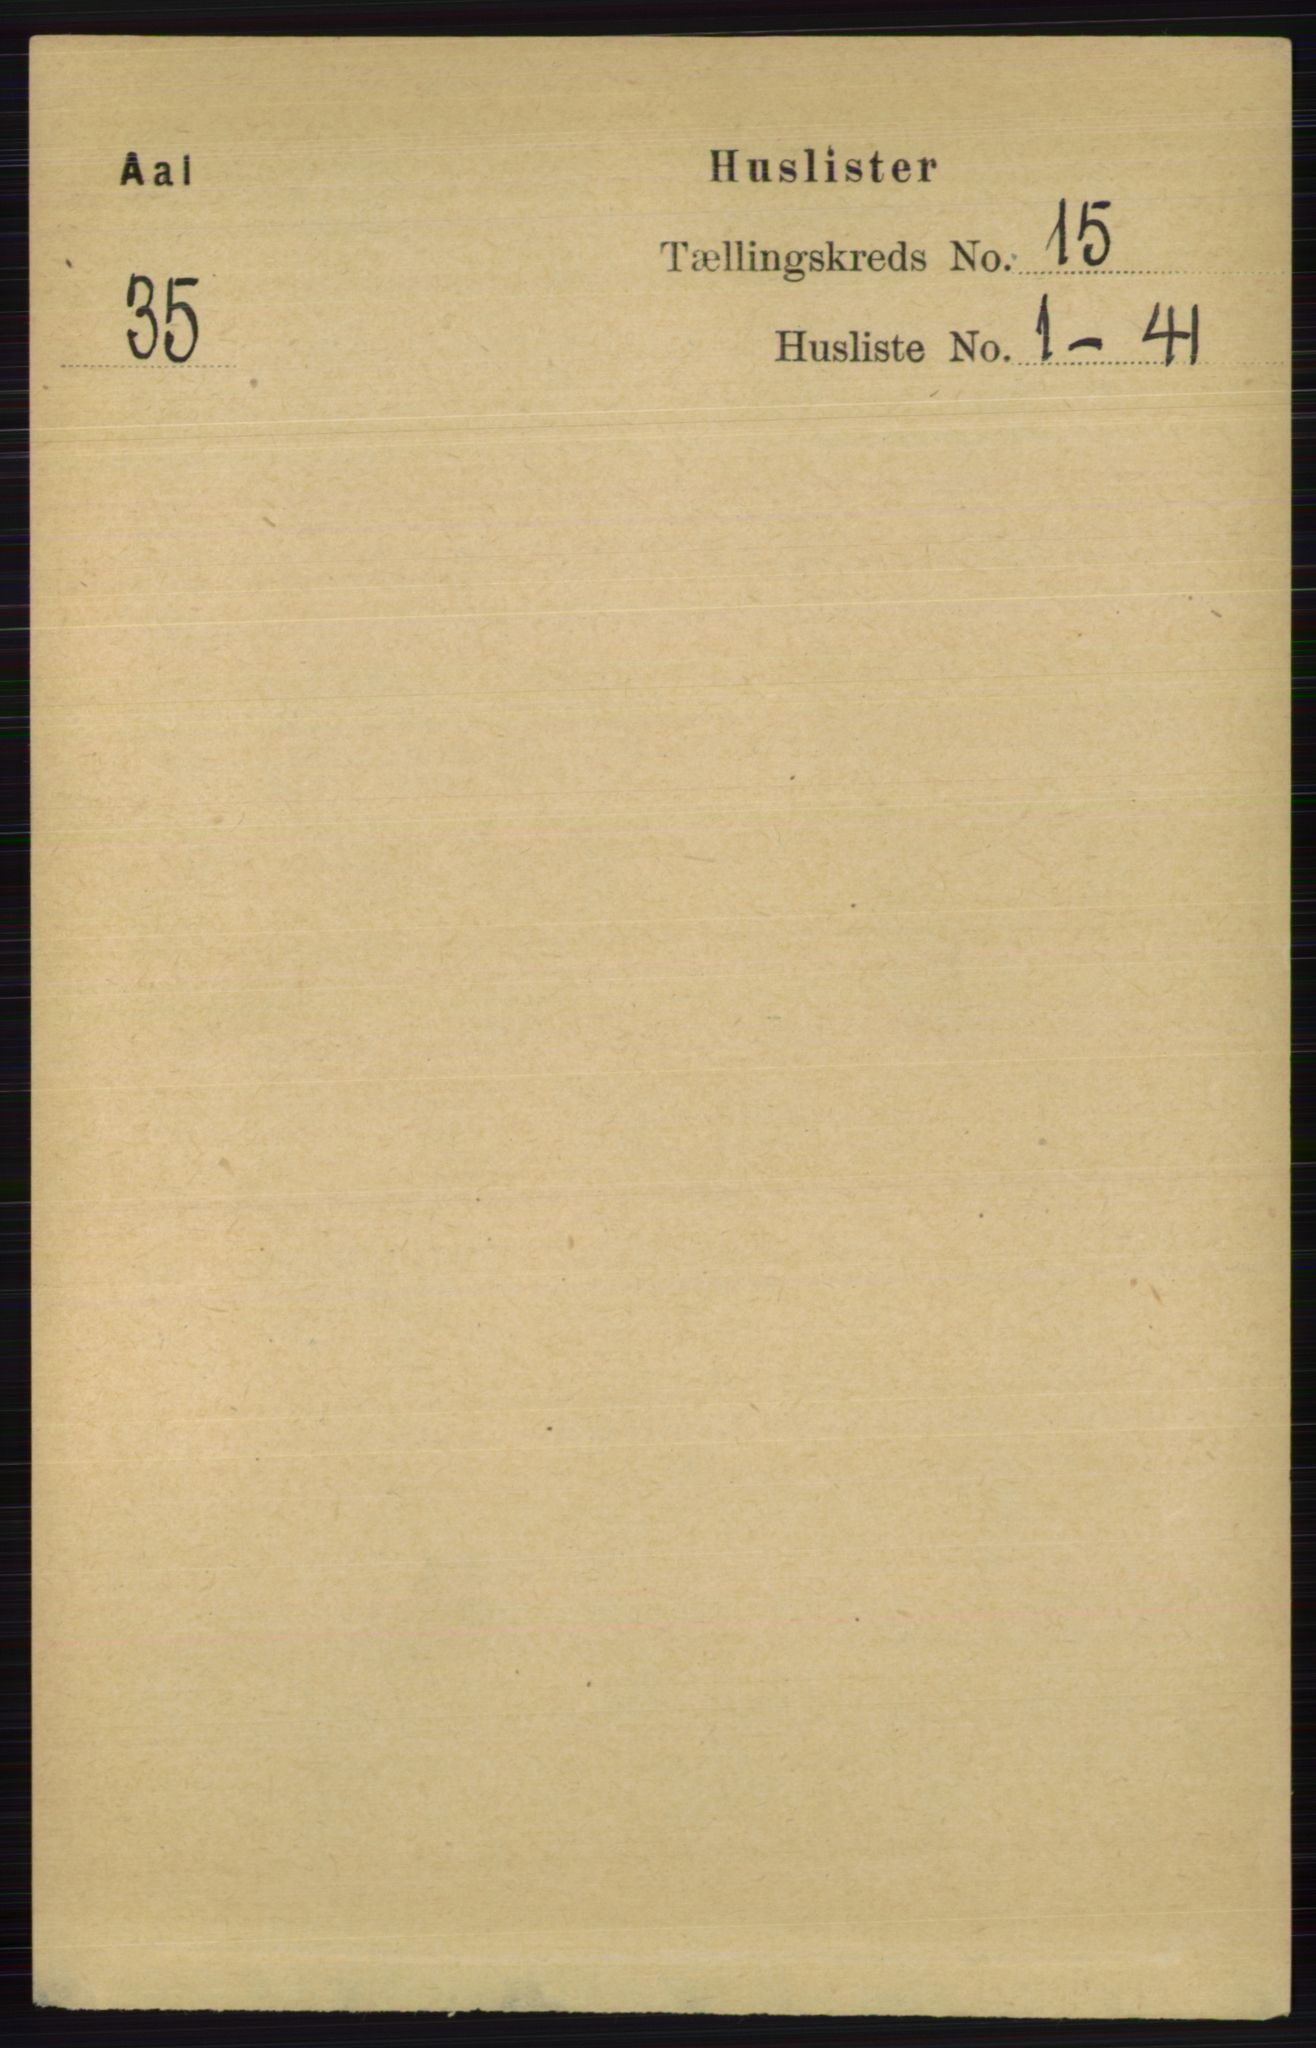 RA, Folketelling 1891 for 0619 Ål herred, 1891, s. 3708